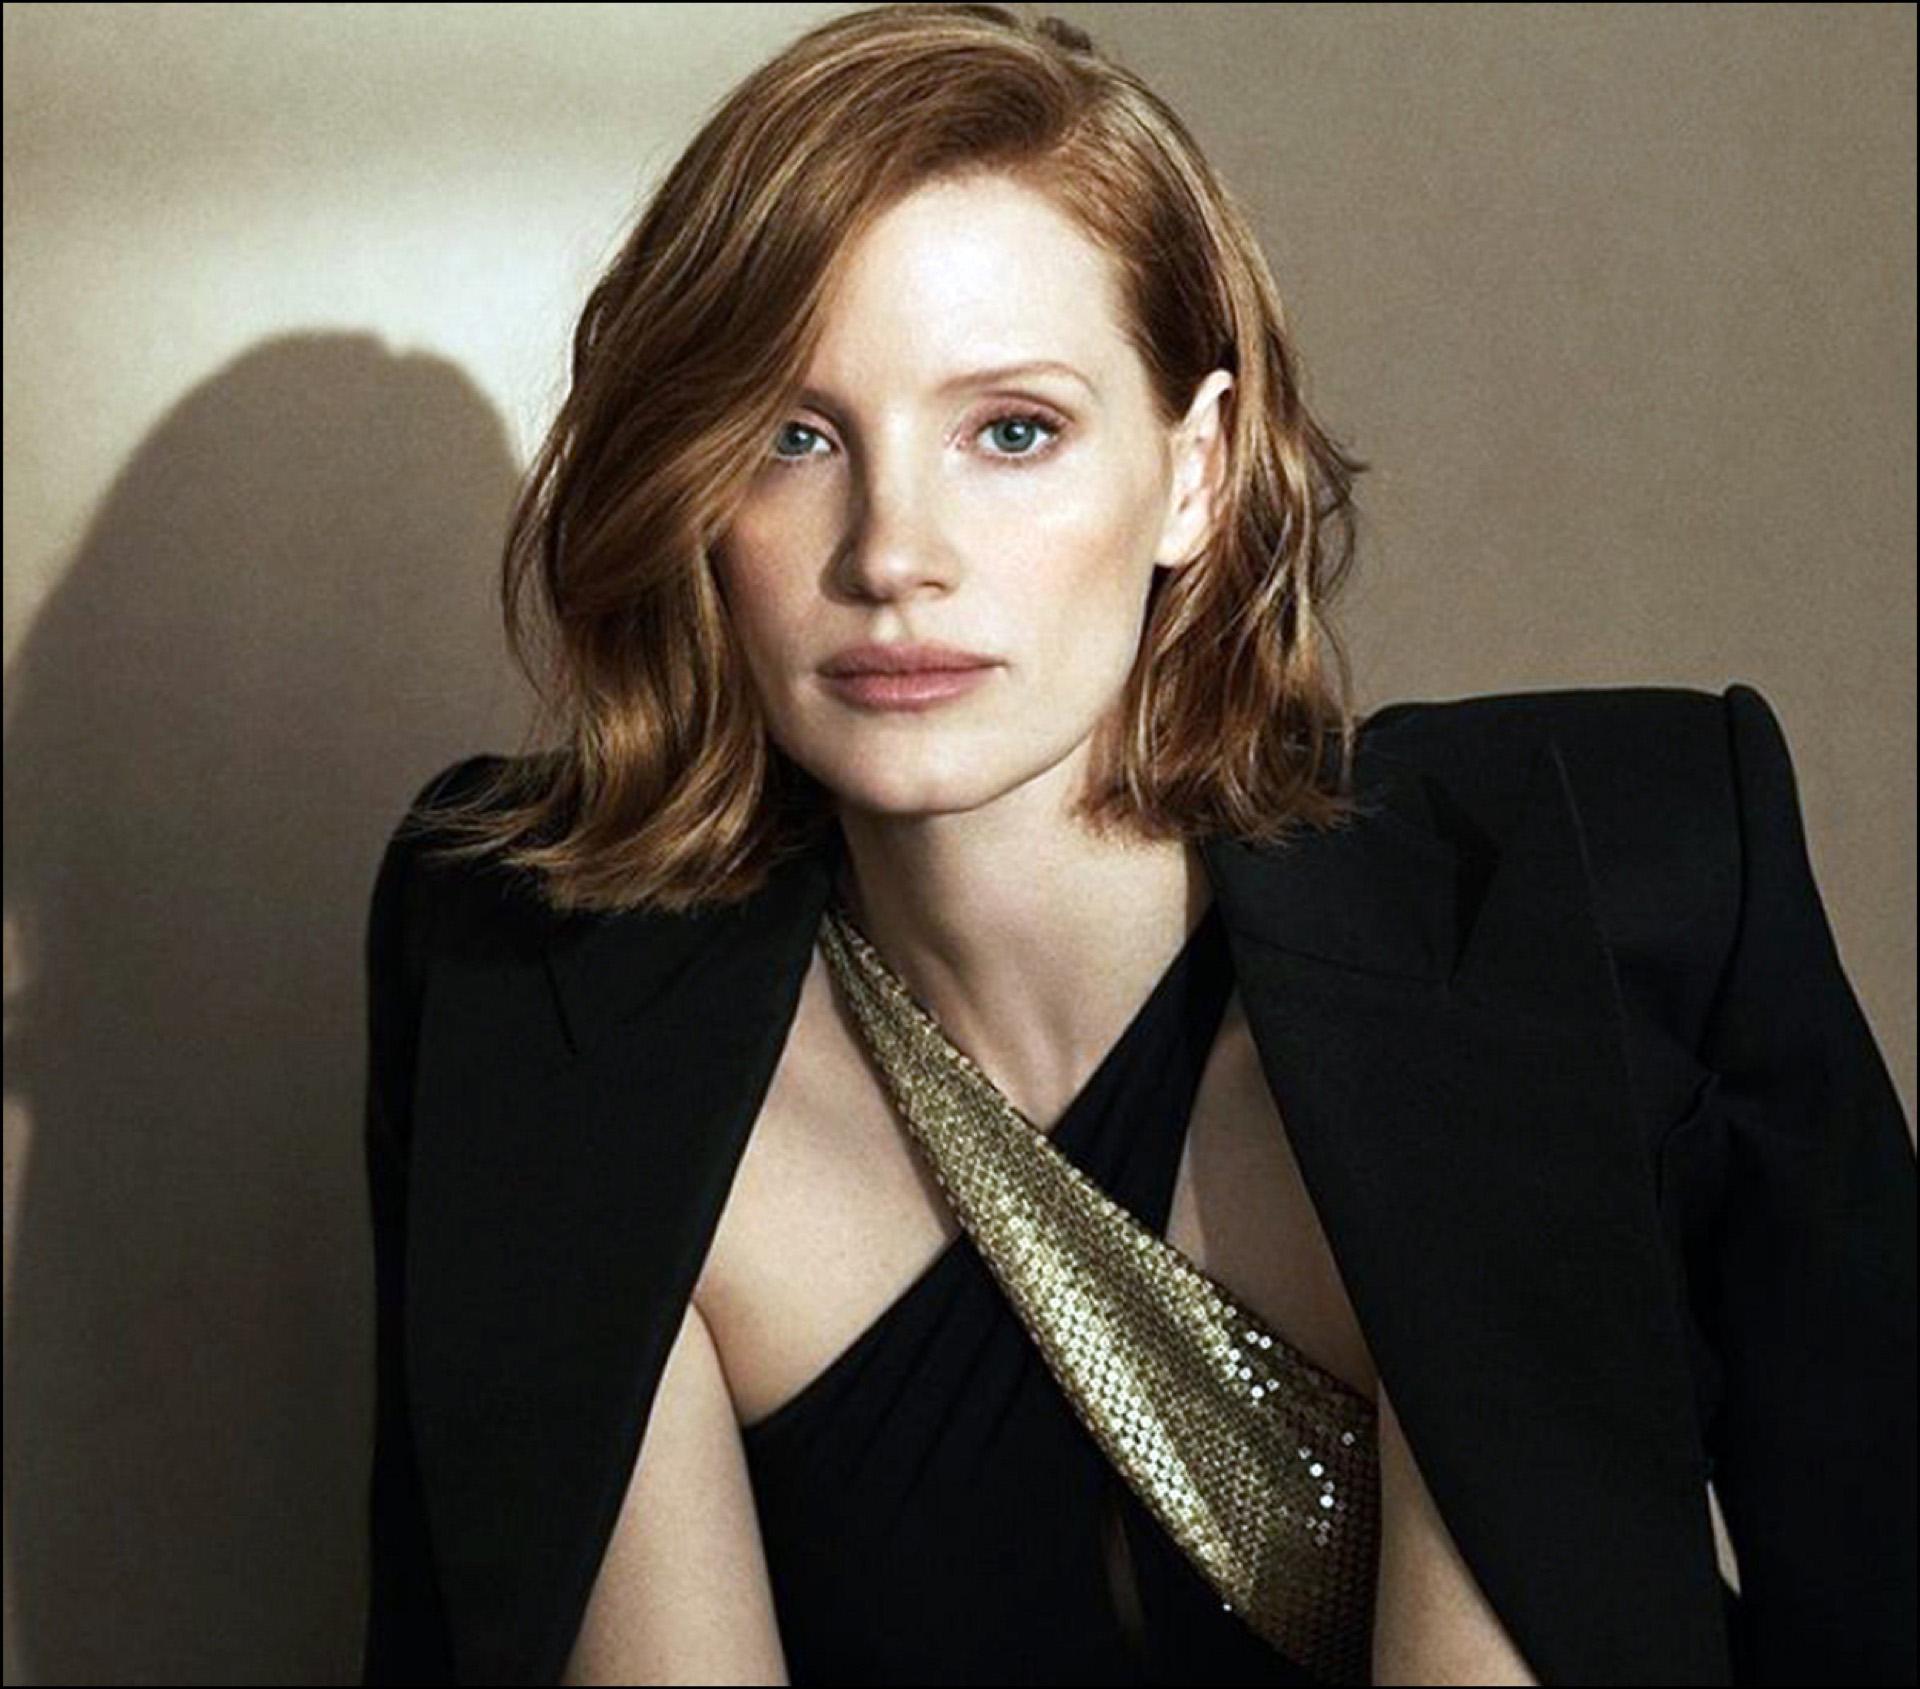 La actriz como mujer empoderada.